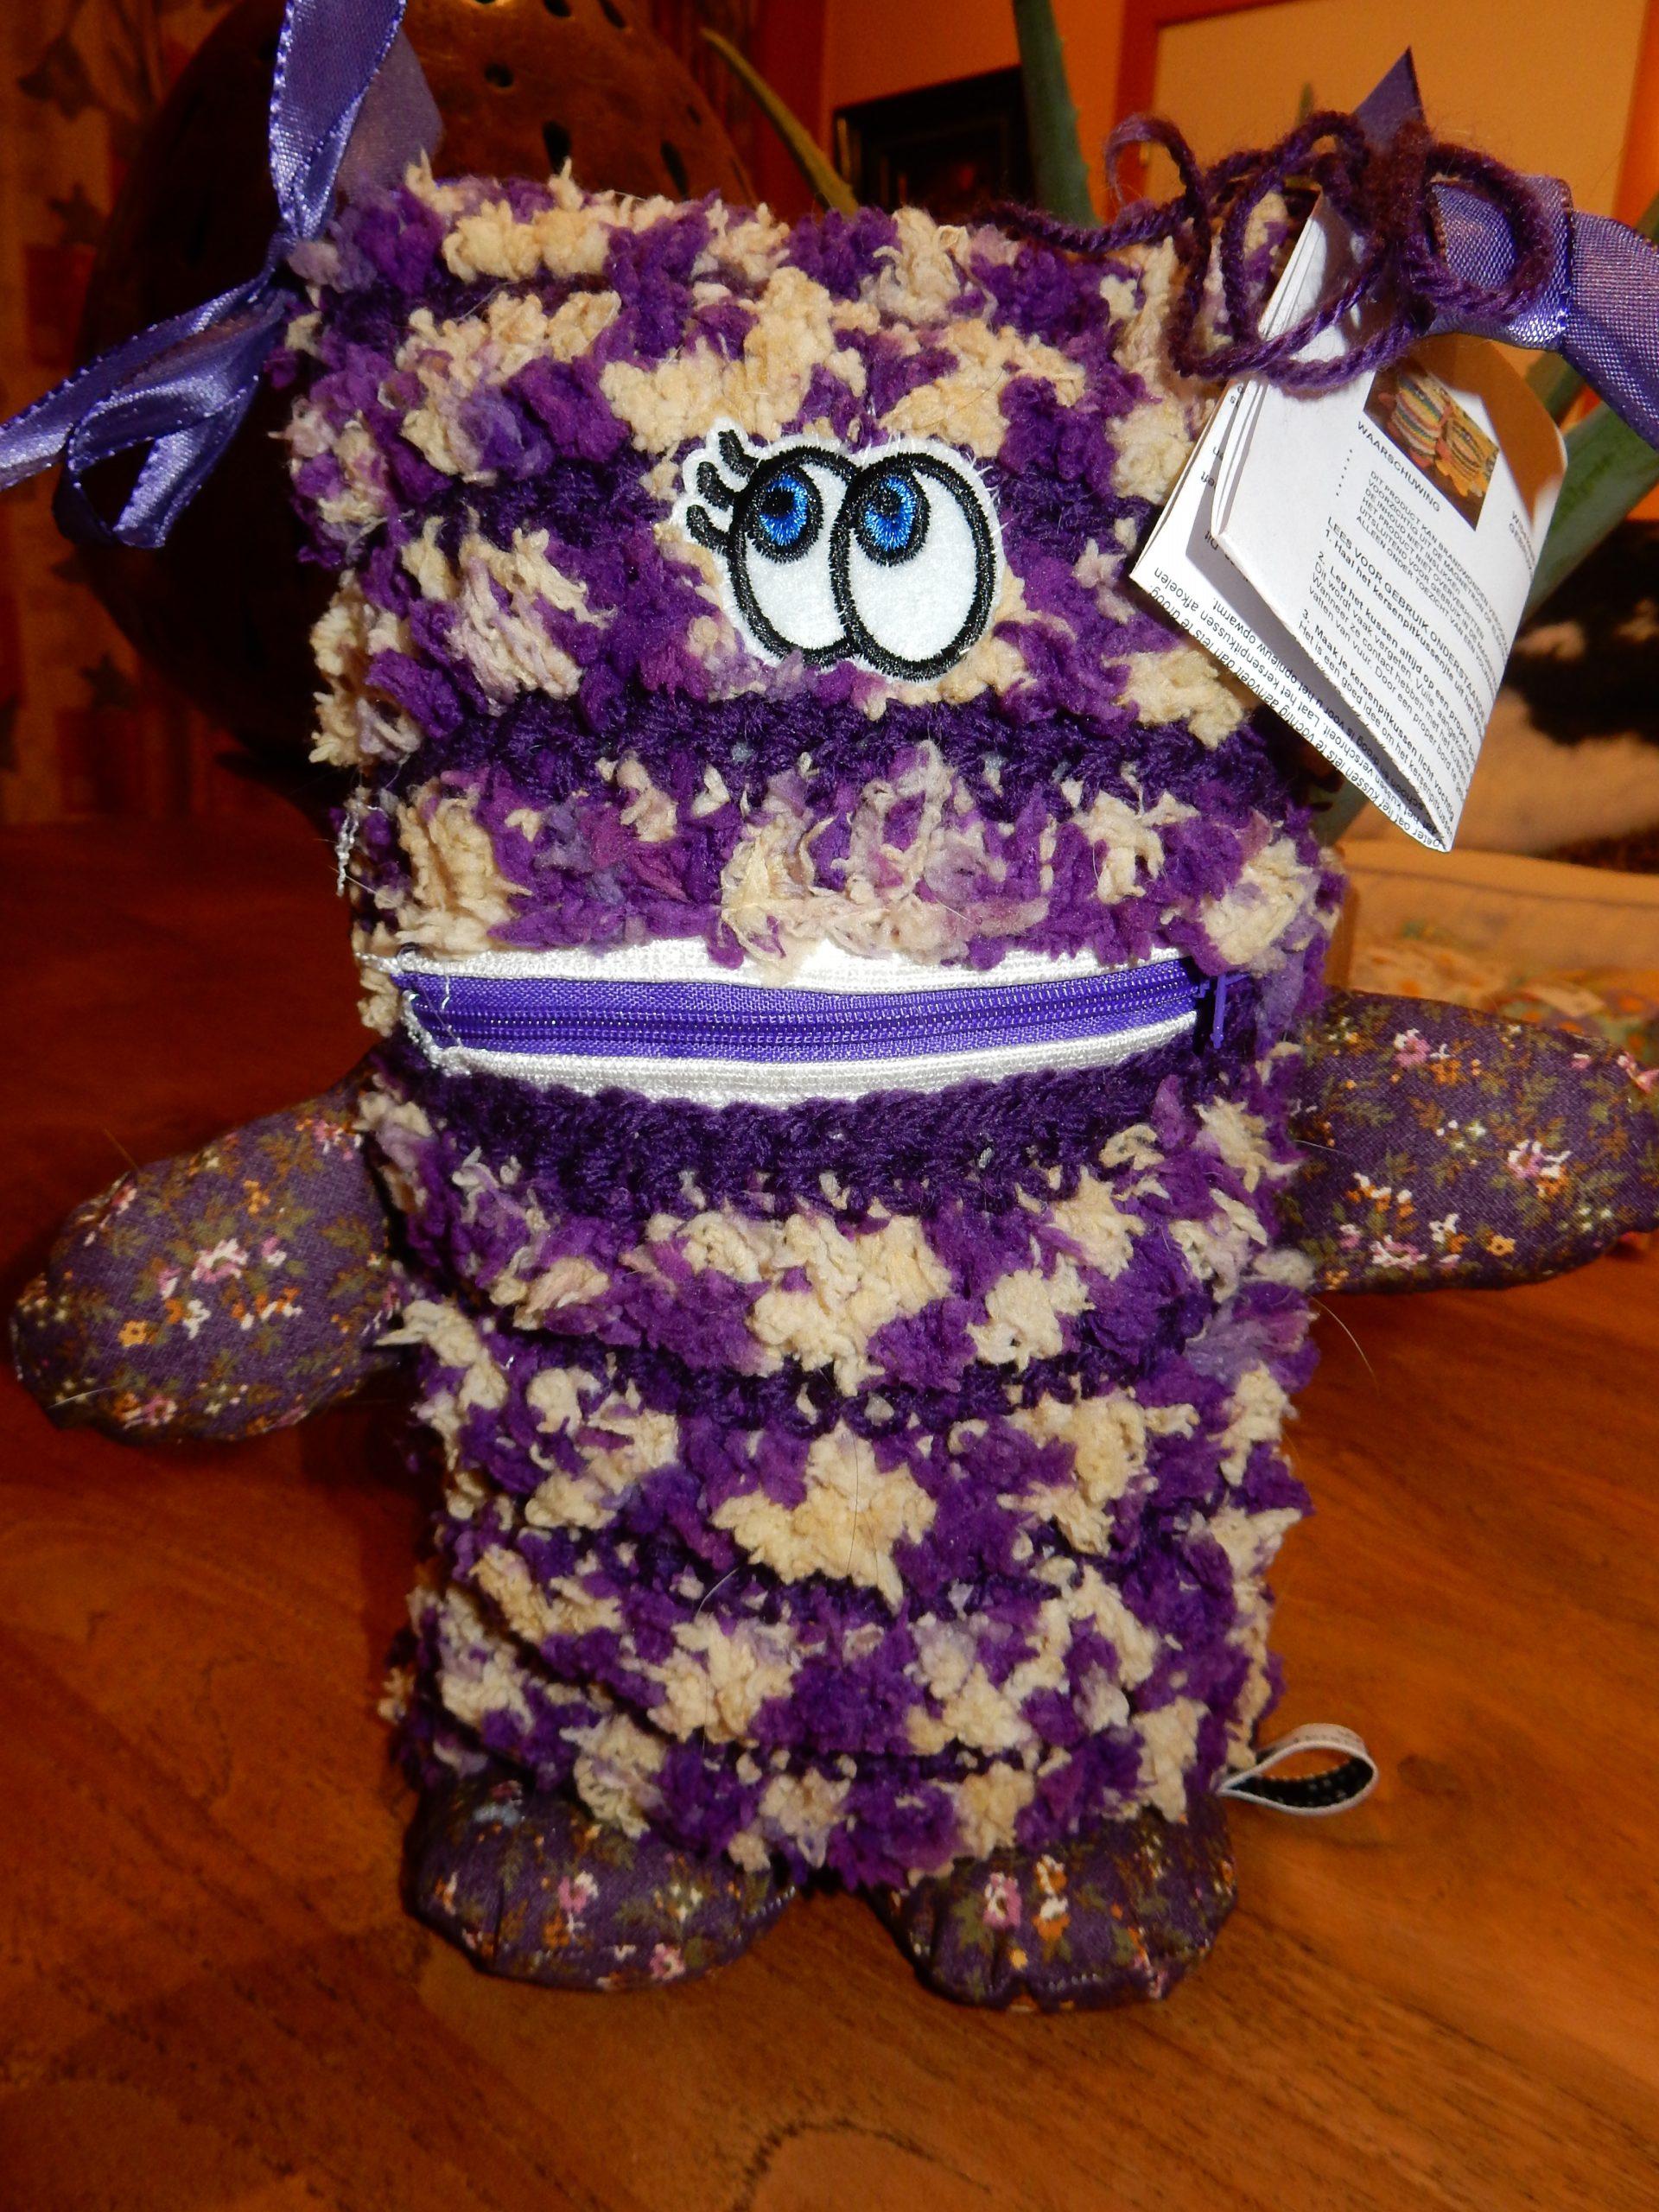 NIEUW !!!! Wibekes Warm Troostvriendje (met kersenpitkussentje) - Romantic Purple